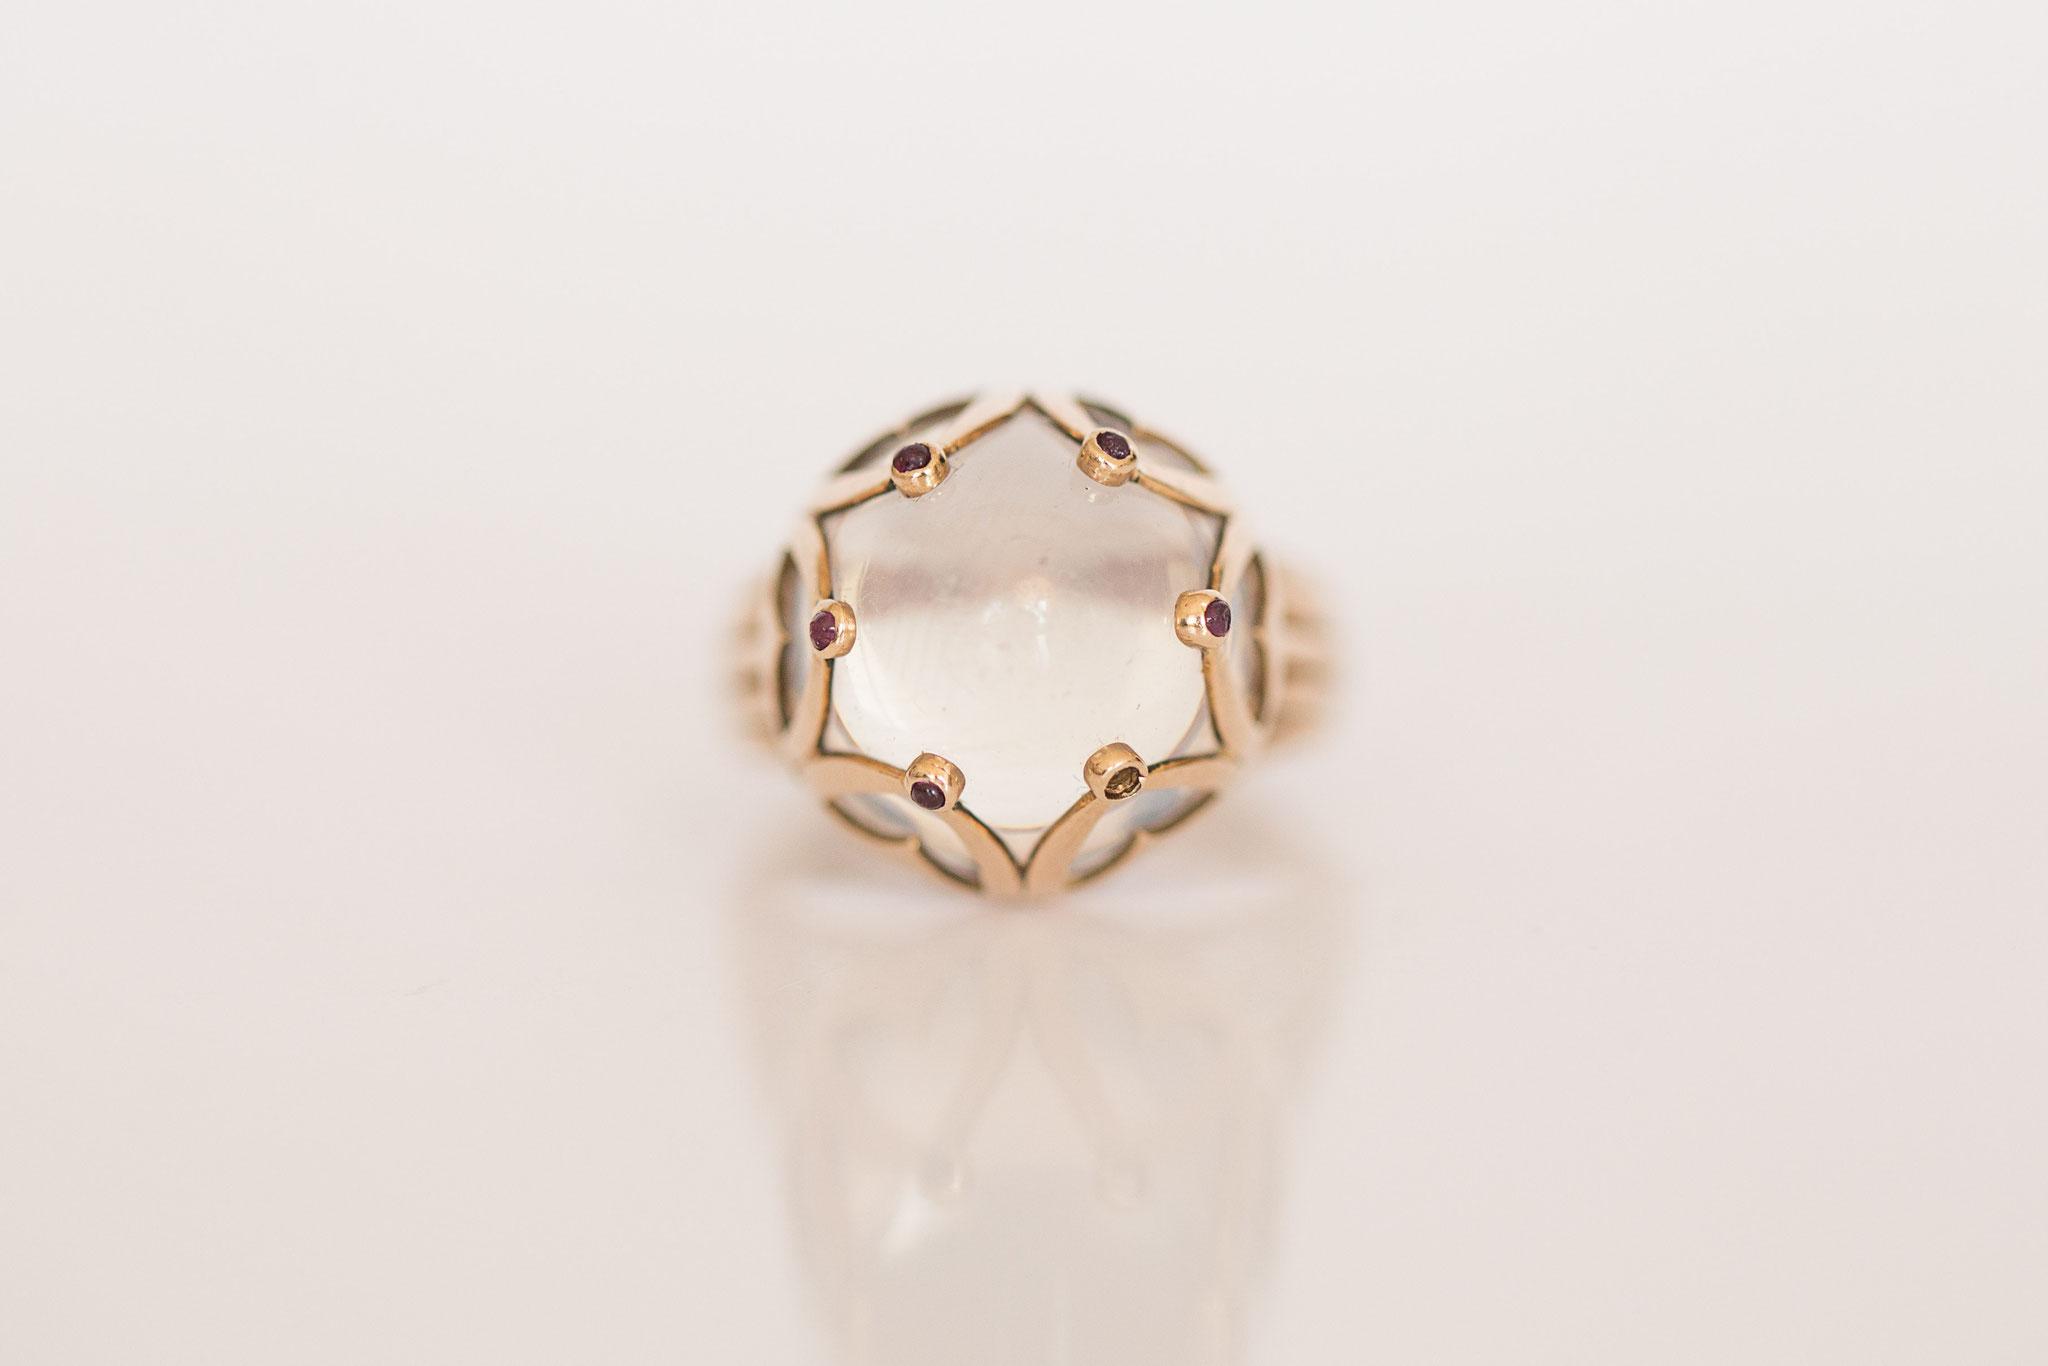 Vintage Ring mit Mondstein in 14 kt Gelbgold mit kleinsten Rubinen